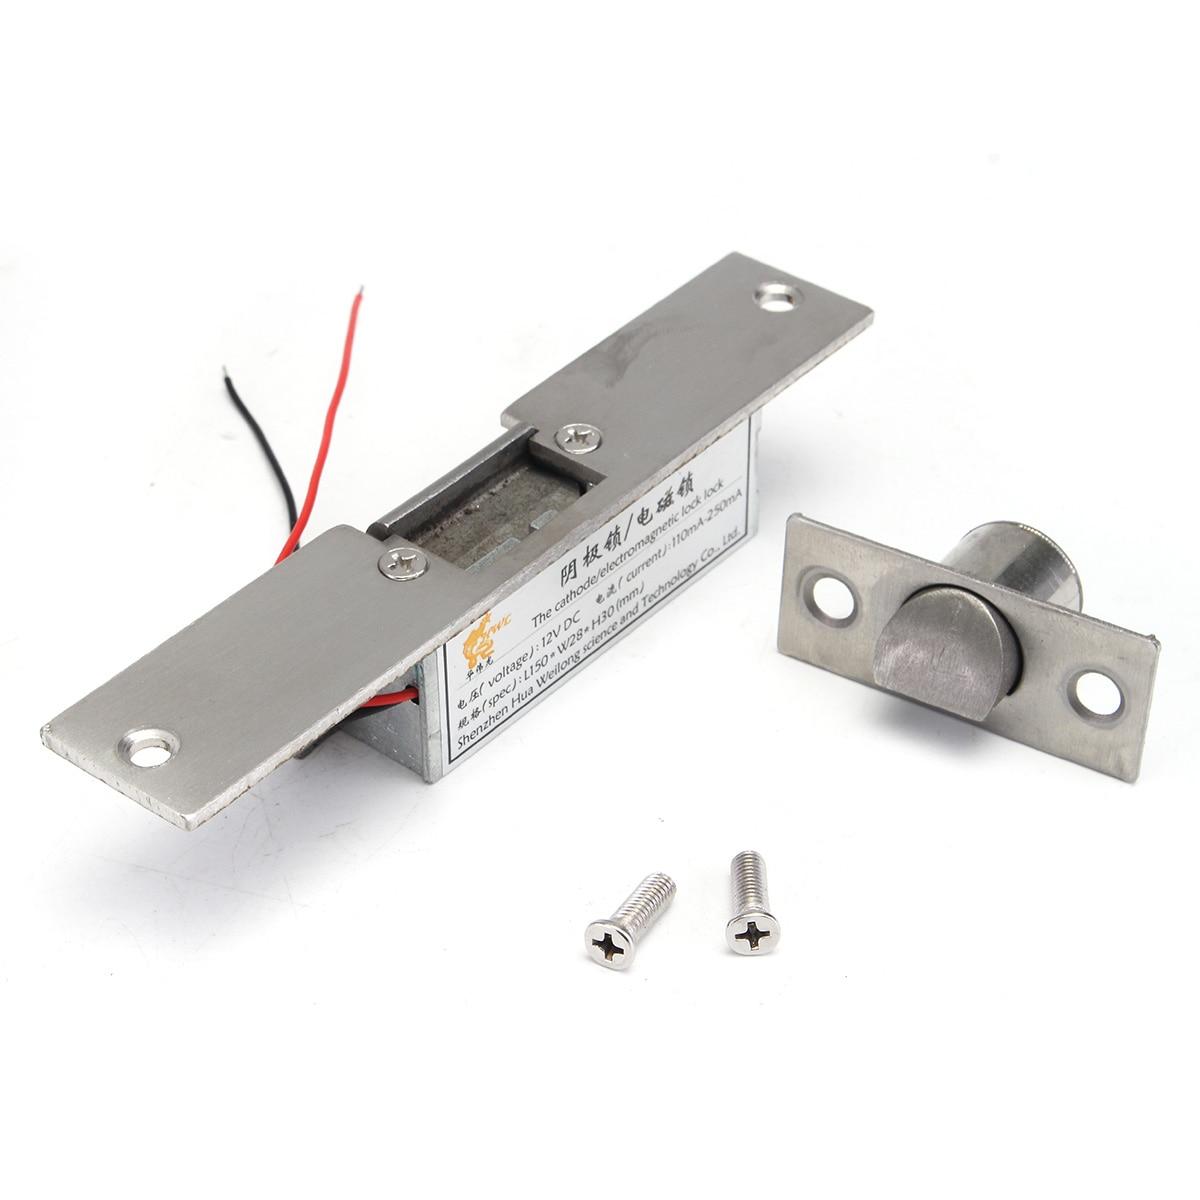 NUOVO Safurance 12 V Fail Safe NC Catodo Legno Metallo Elettrico Sciopero di Blocco Per Il Controllo di Accesso Porta di Sicurezza Domestica